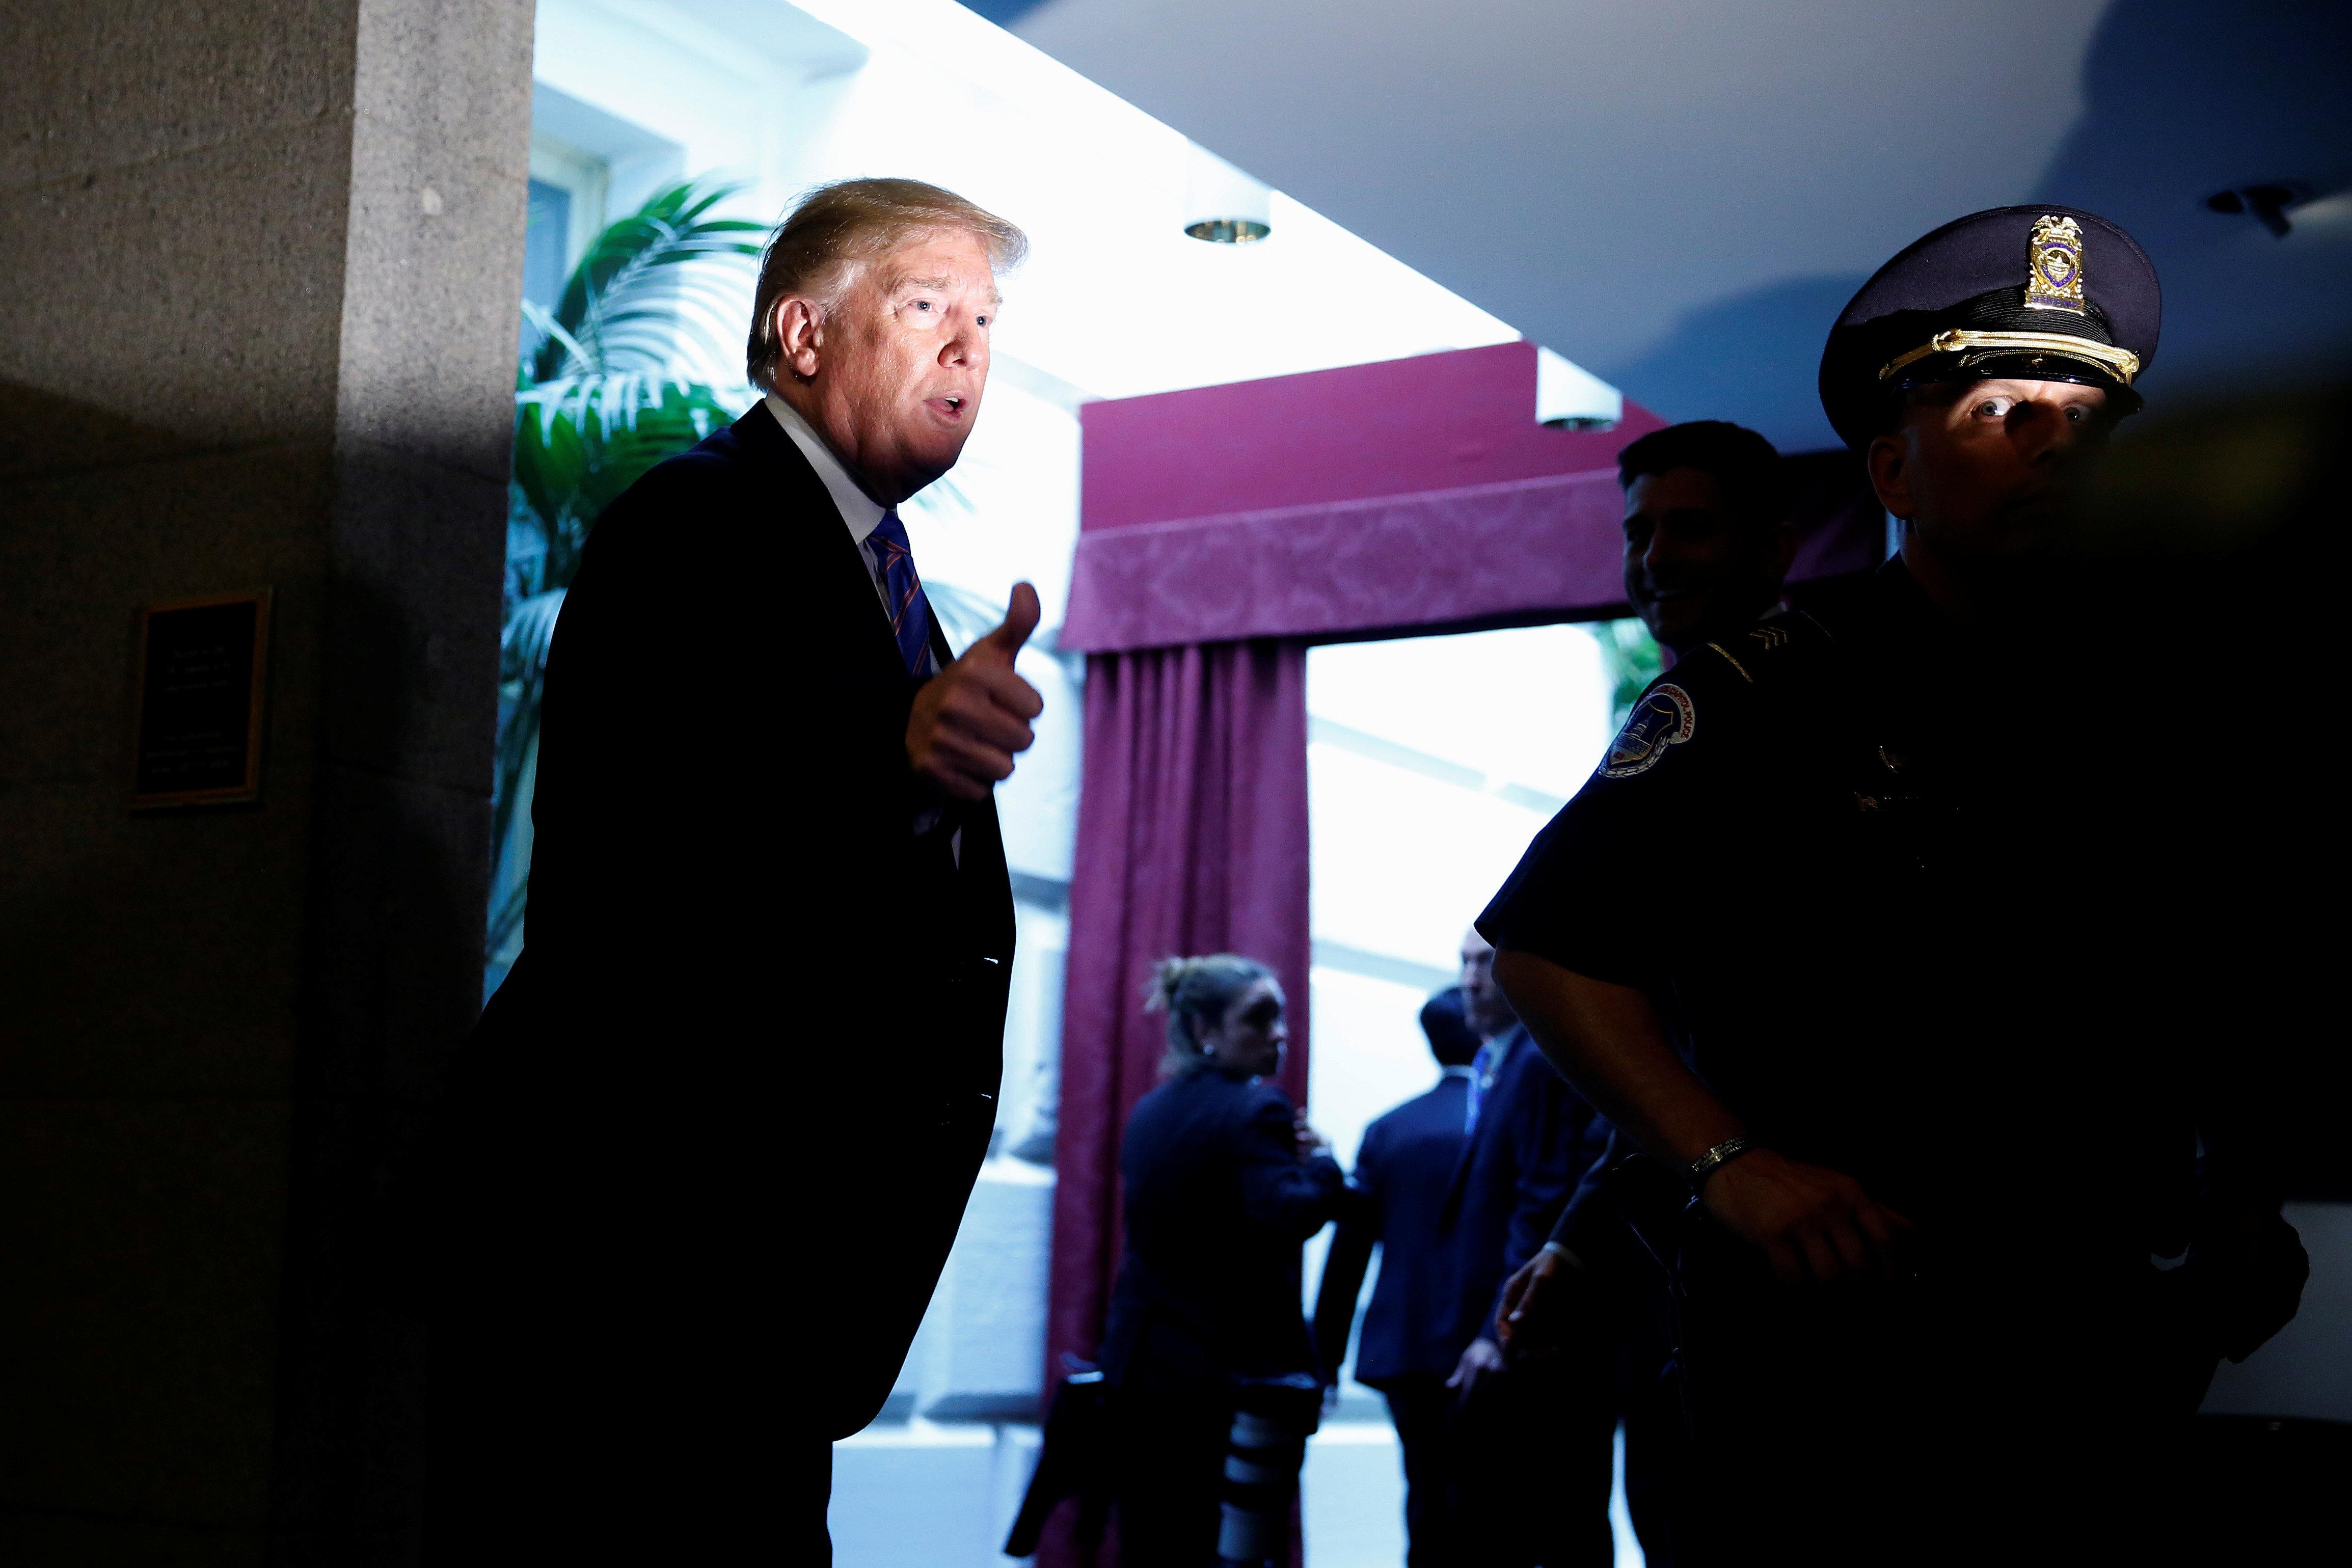 Μετά τον σάλο ο Τραμπ σταματά με διάταγμα τον χωρισμό των παιδιών από τους μετανάστες γονείς